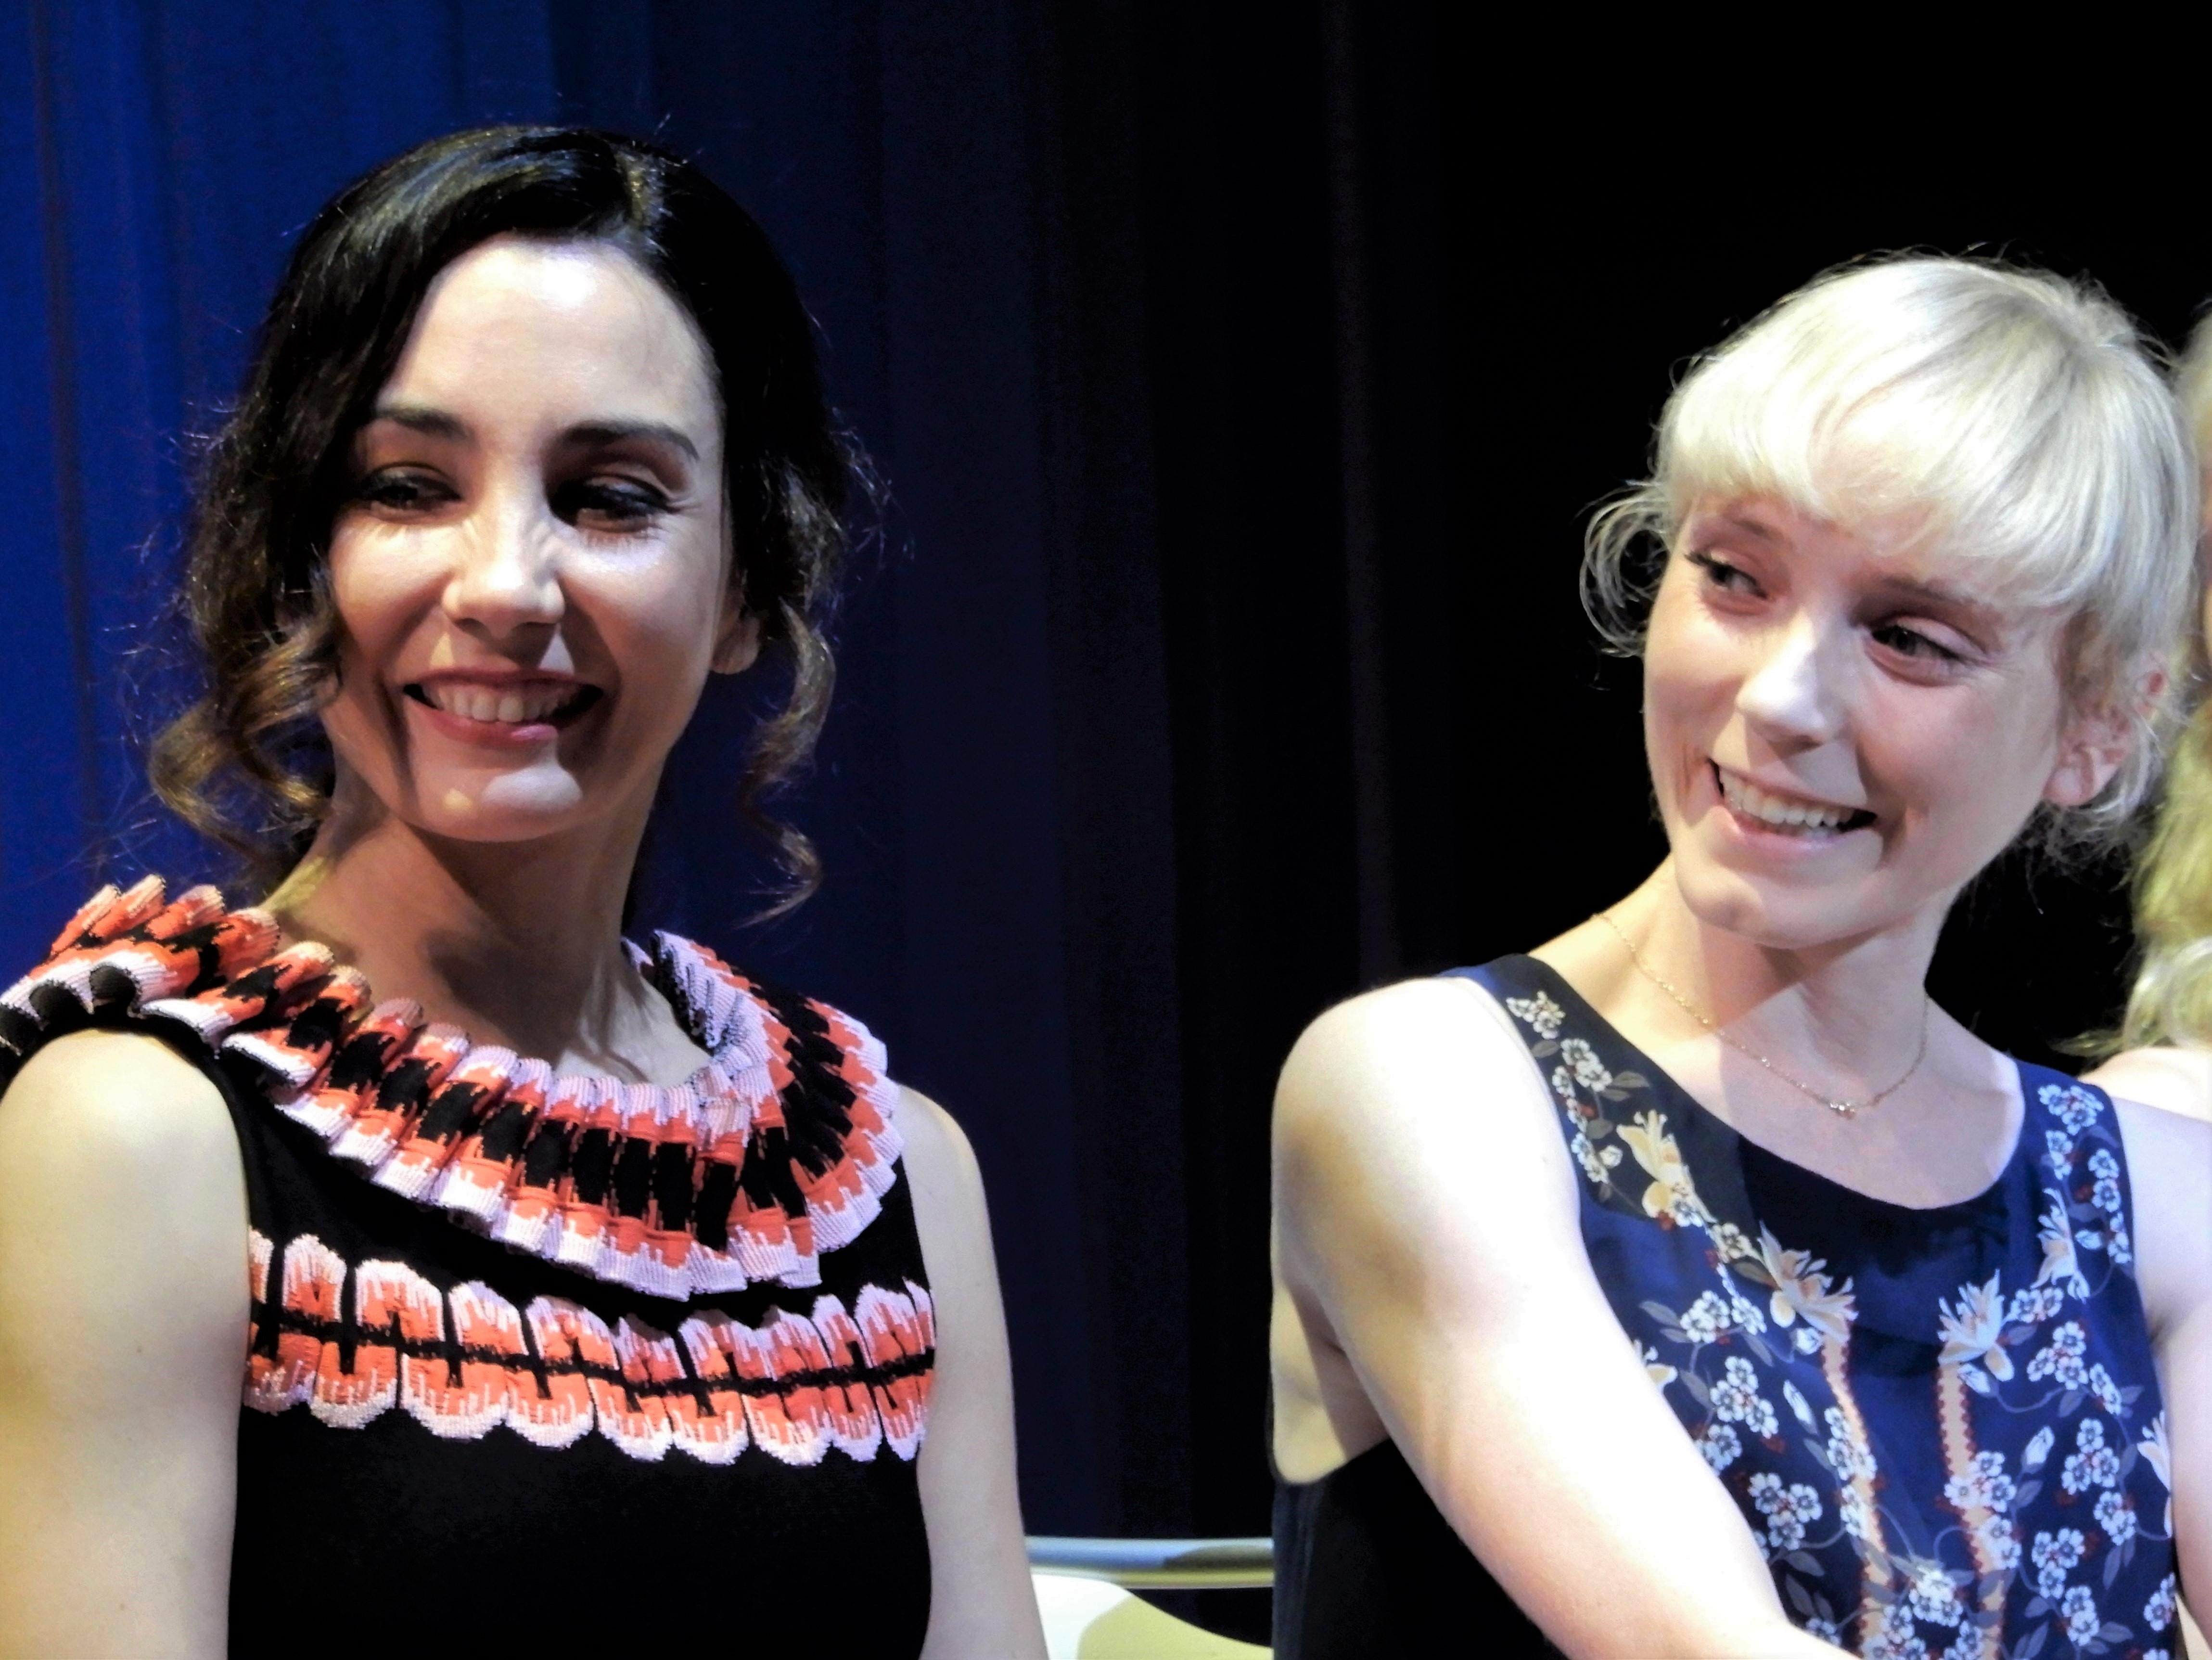 (左から)タマラ・ロホ、サラ・ラム